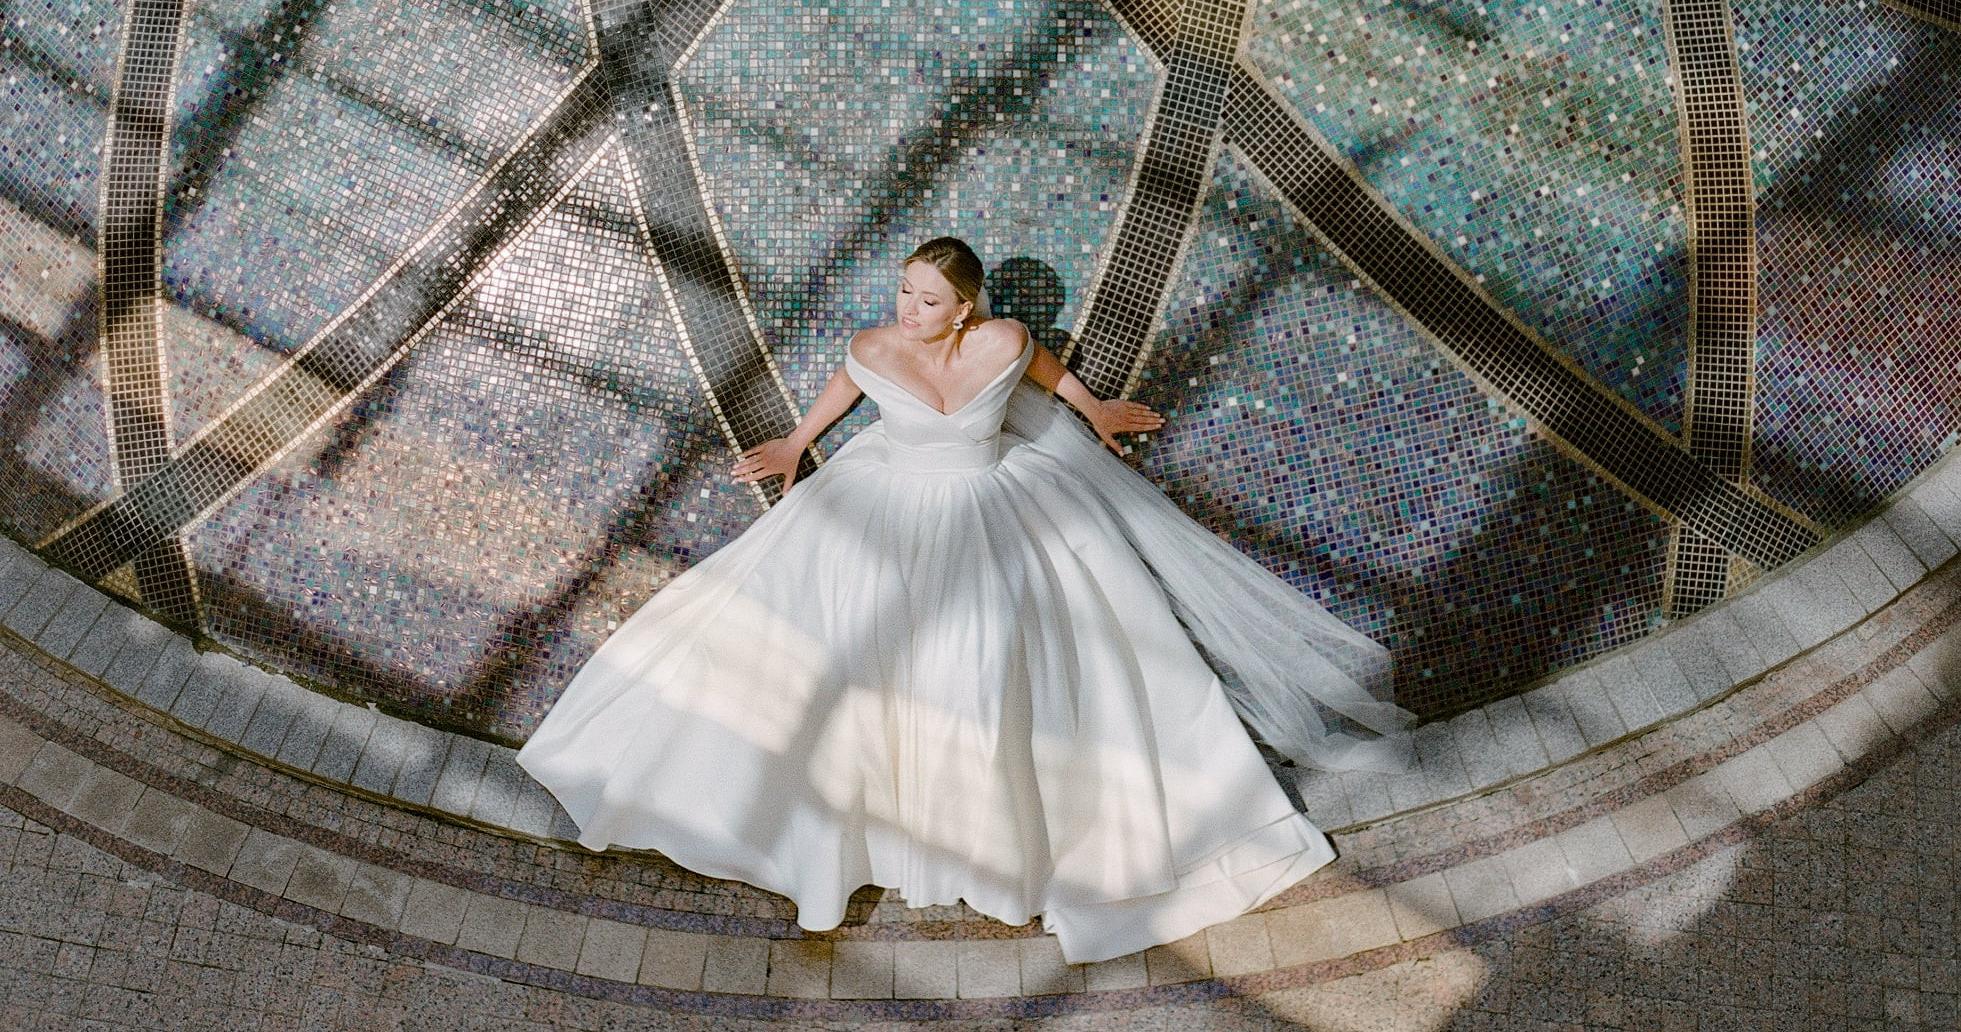 Воздушная свадьба в отеле The St. Regis